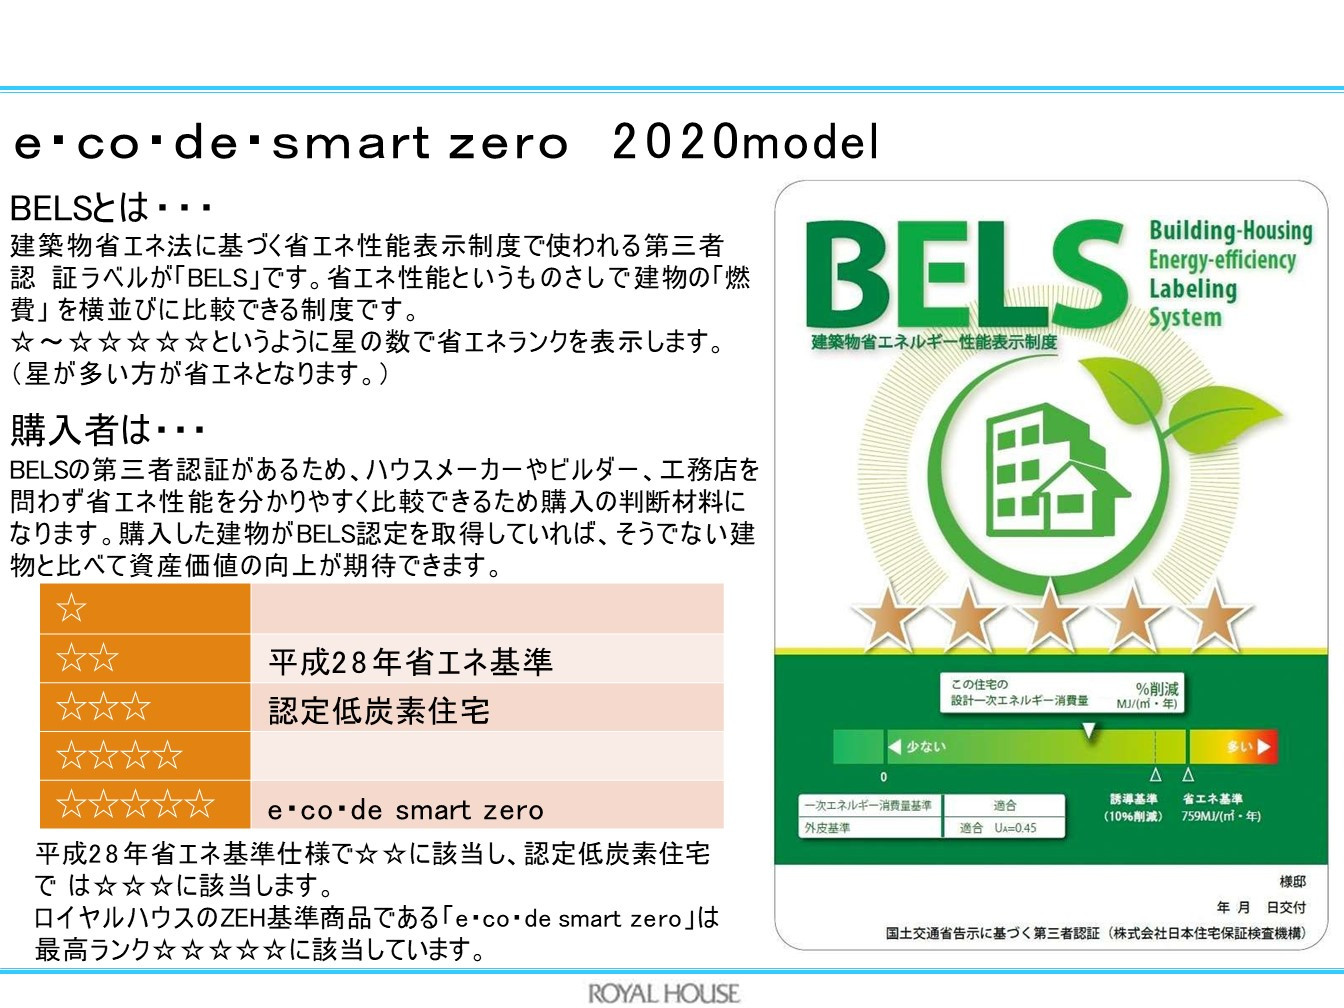 e・co・de・smartzero 2020model